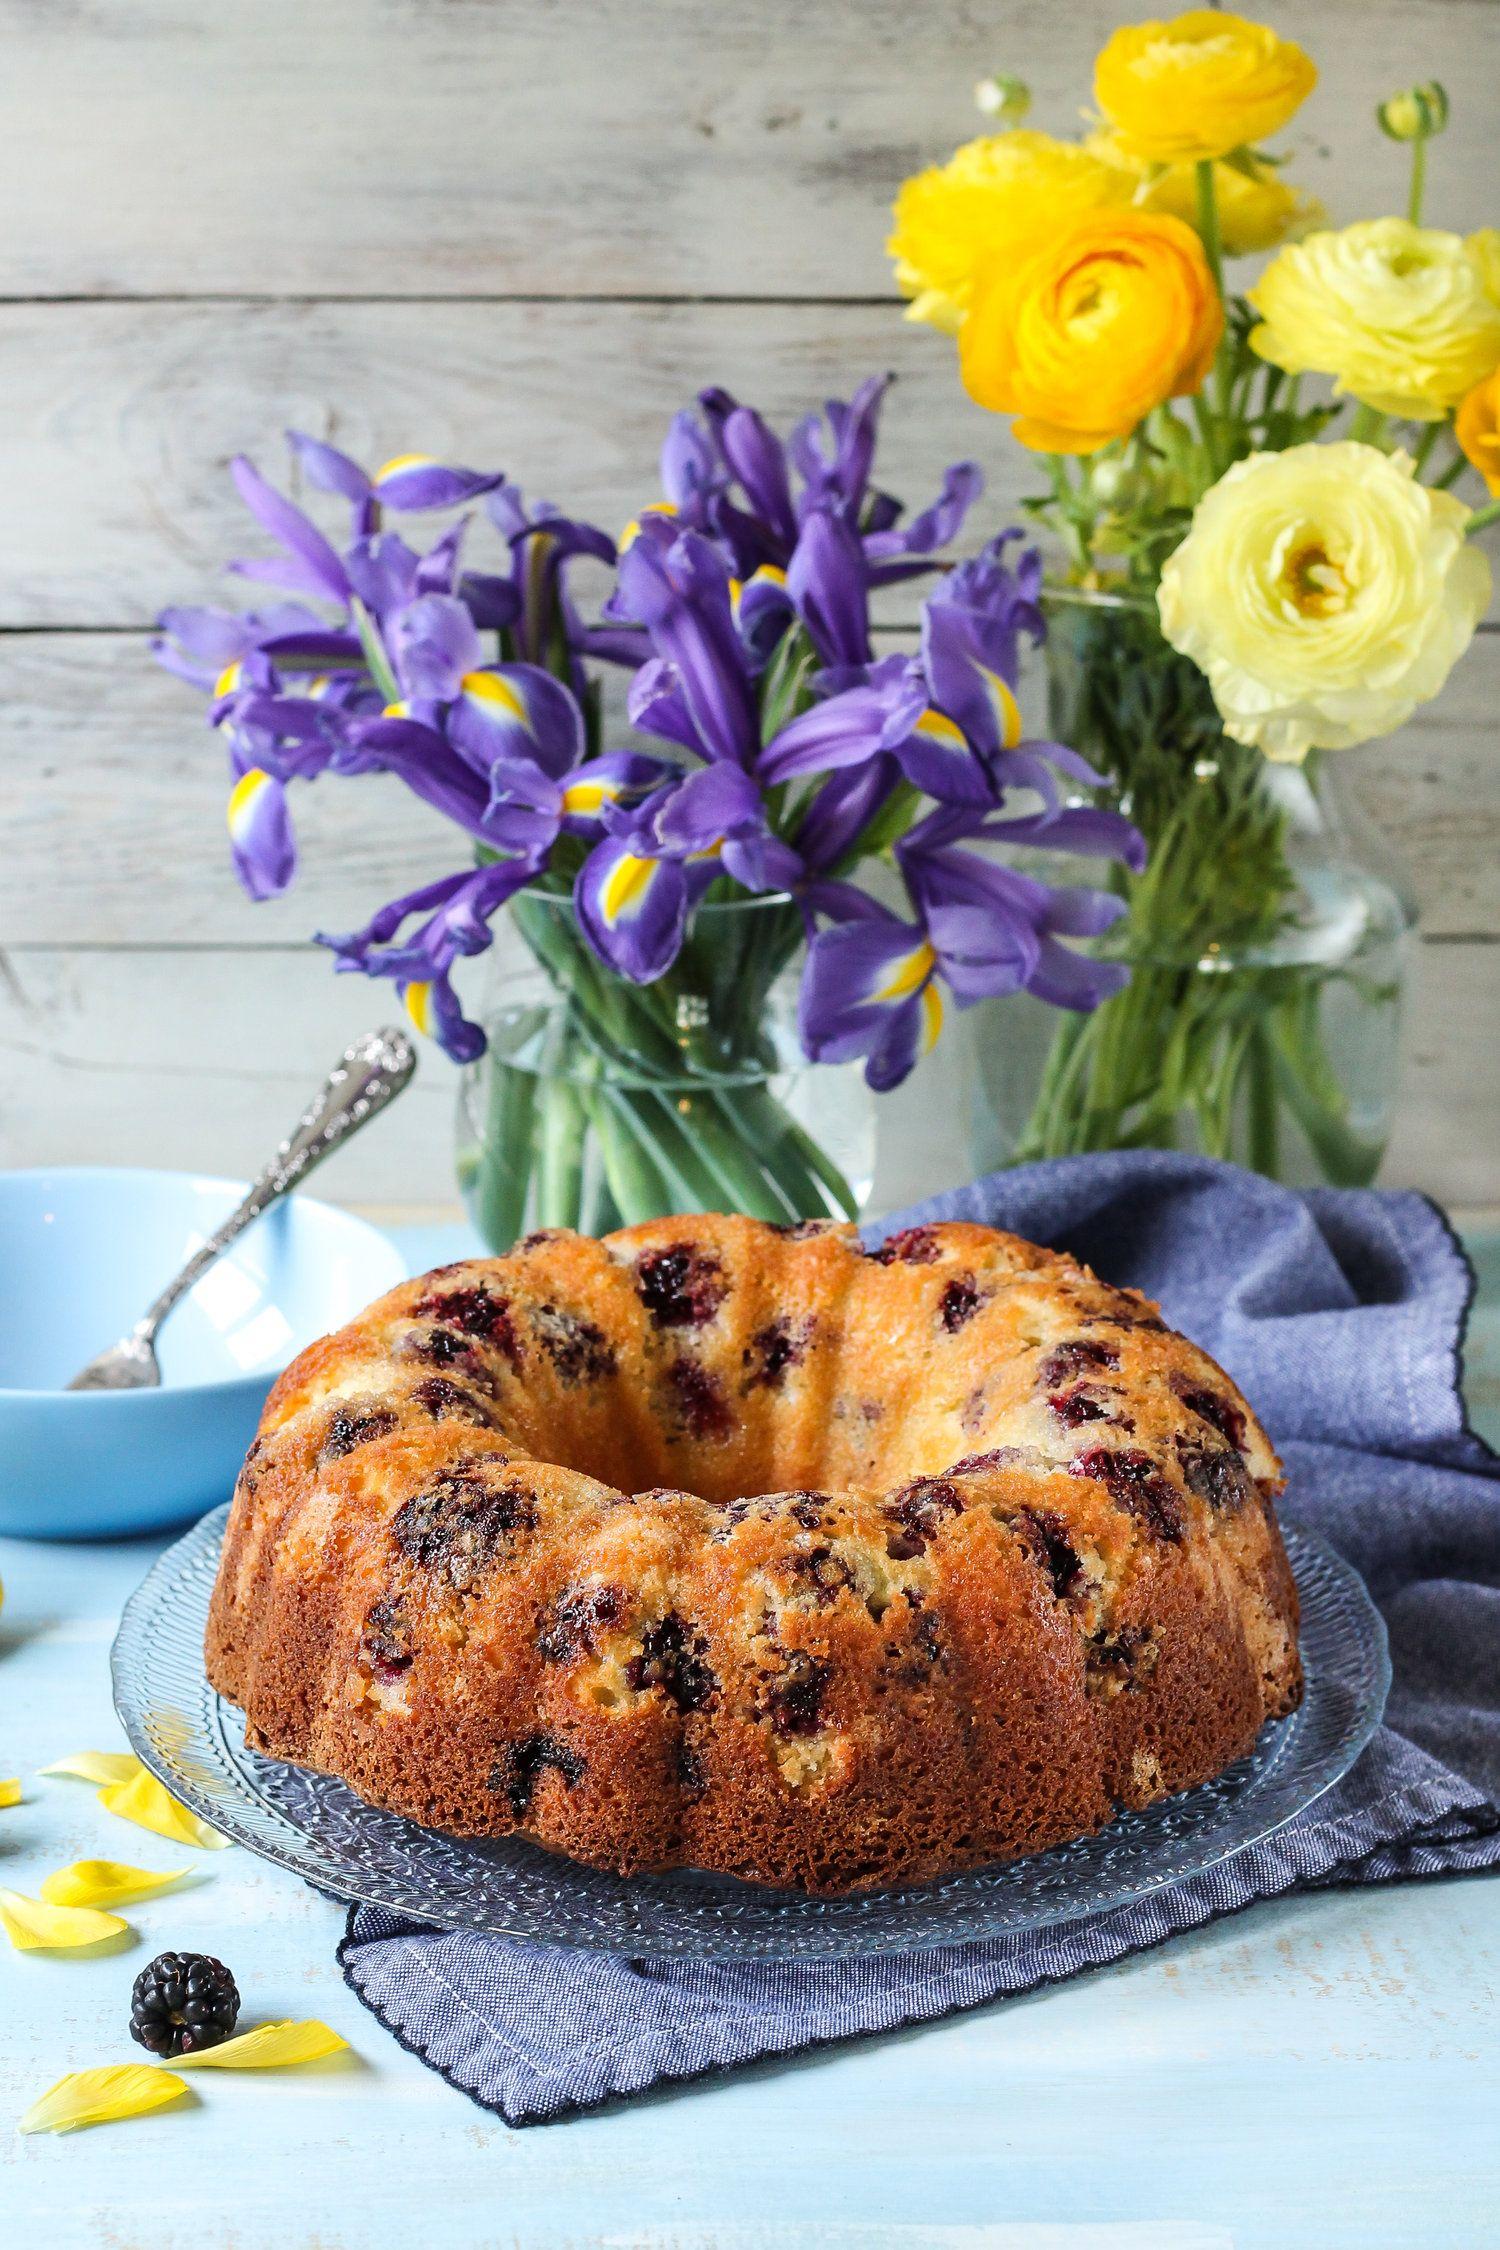 30+ Blueberry sour cream cake with lemon glaze inspirations